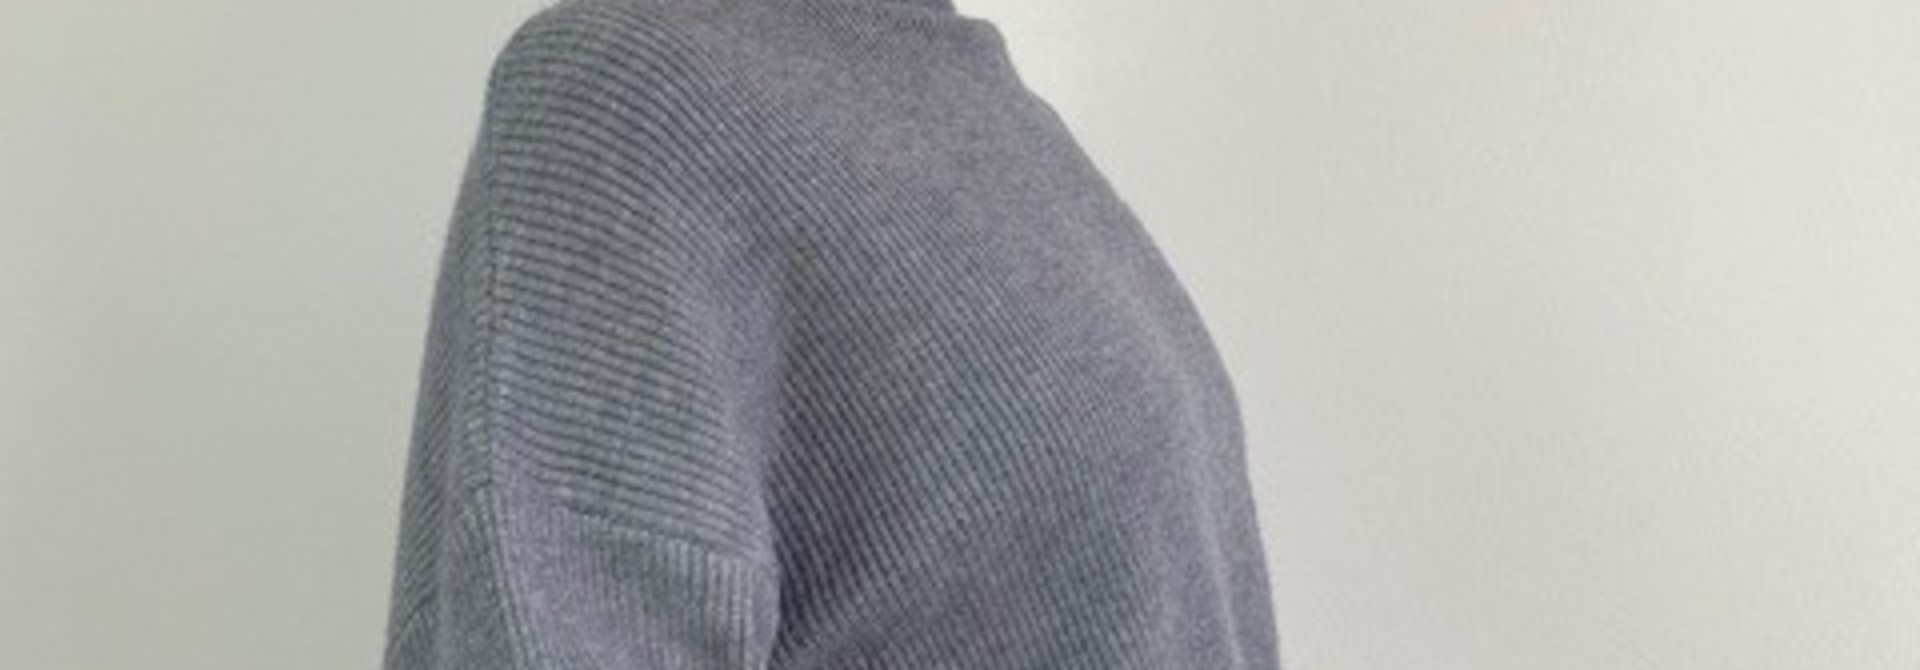 Miso knit balloon sleeve Grey